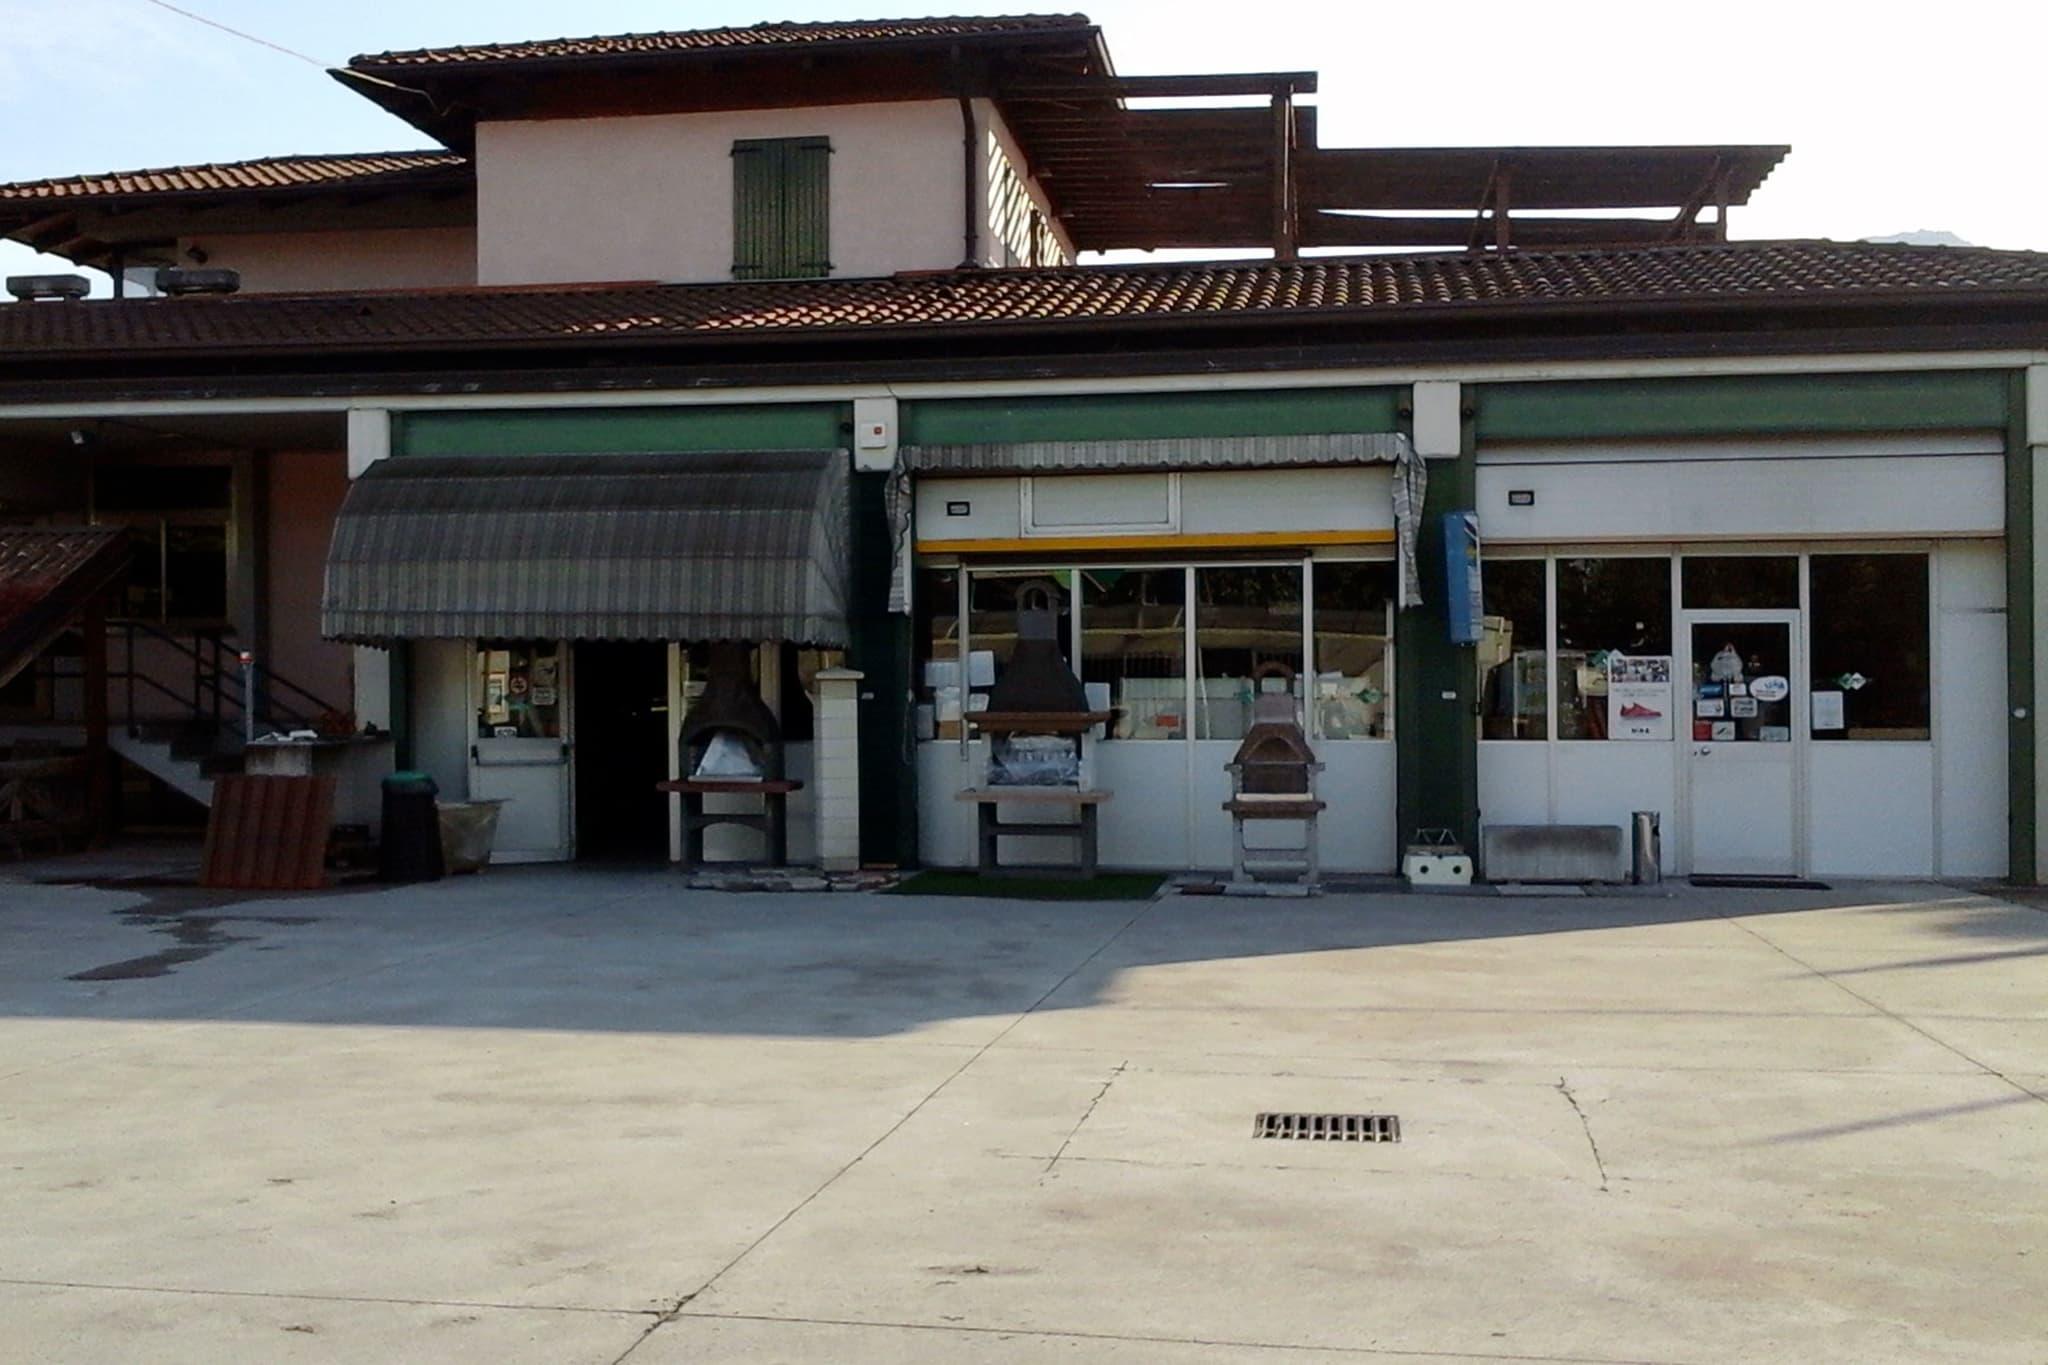 esterni-Enzo-Omodei-vendita-ceramiche-e-materiali-edili-a-Brescia